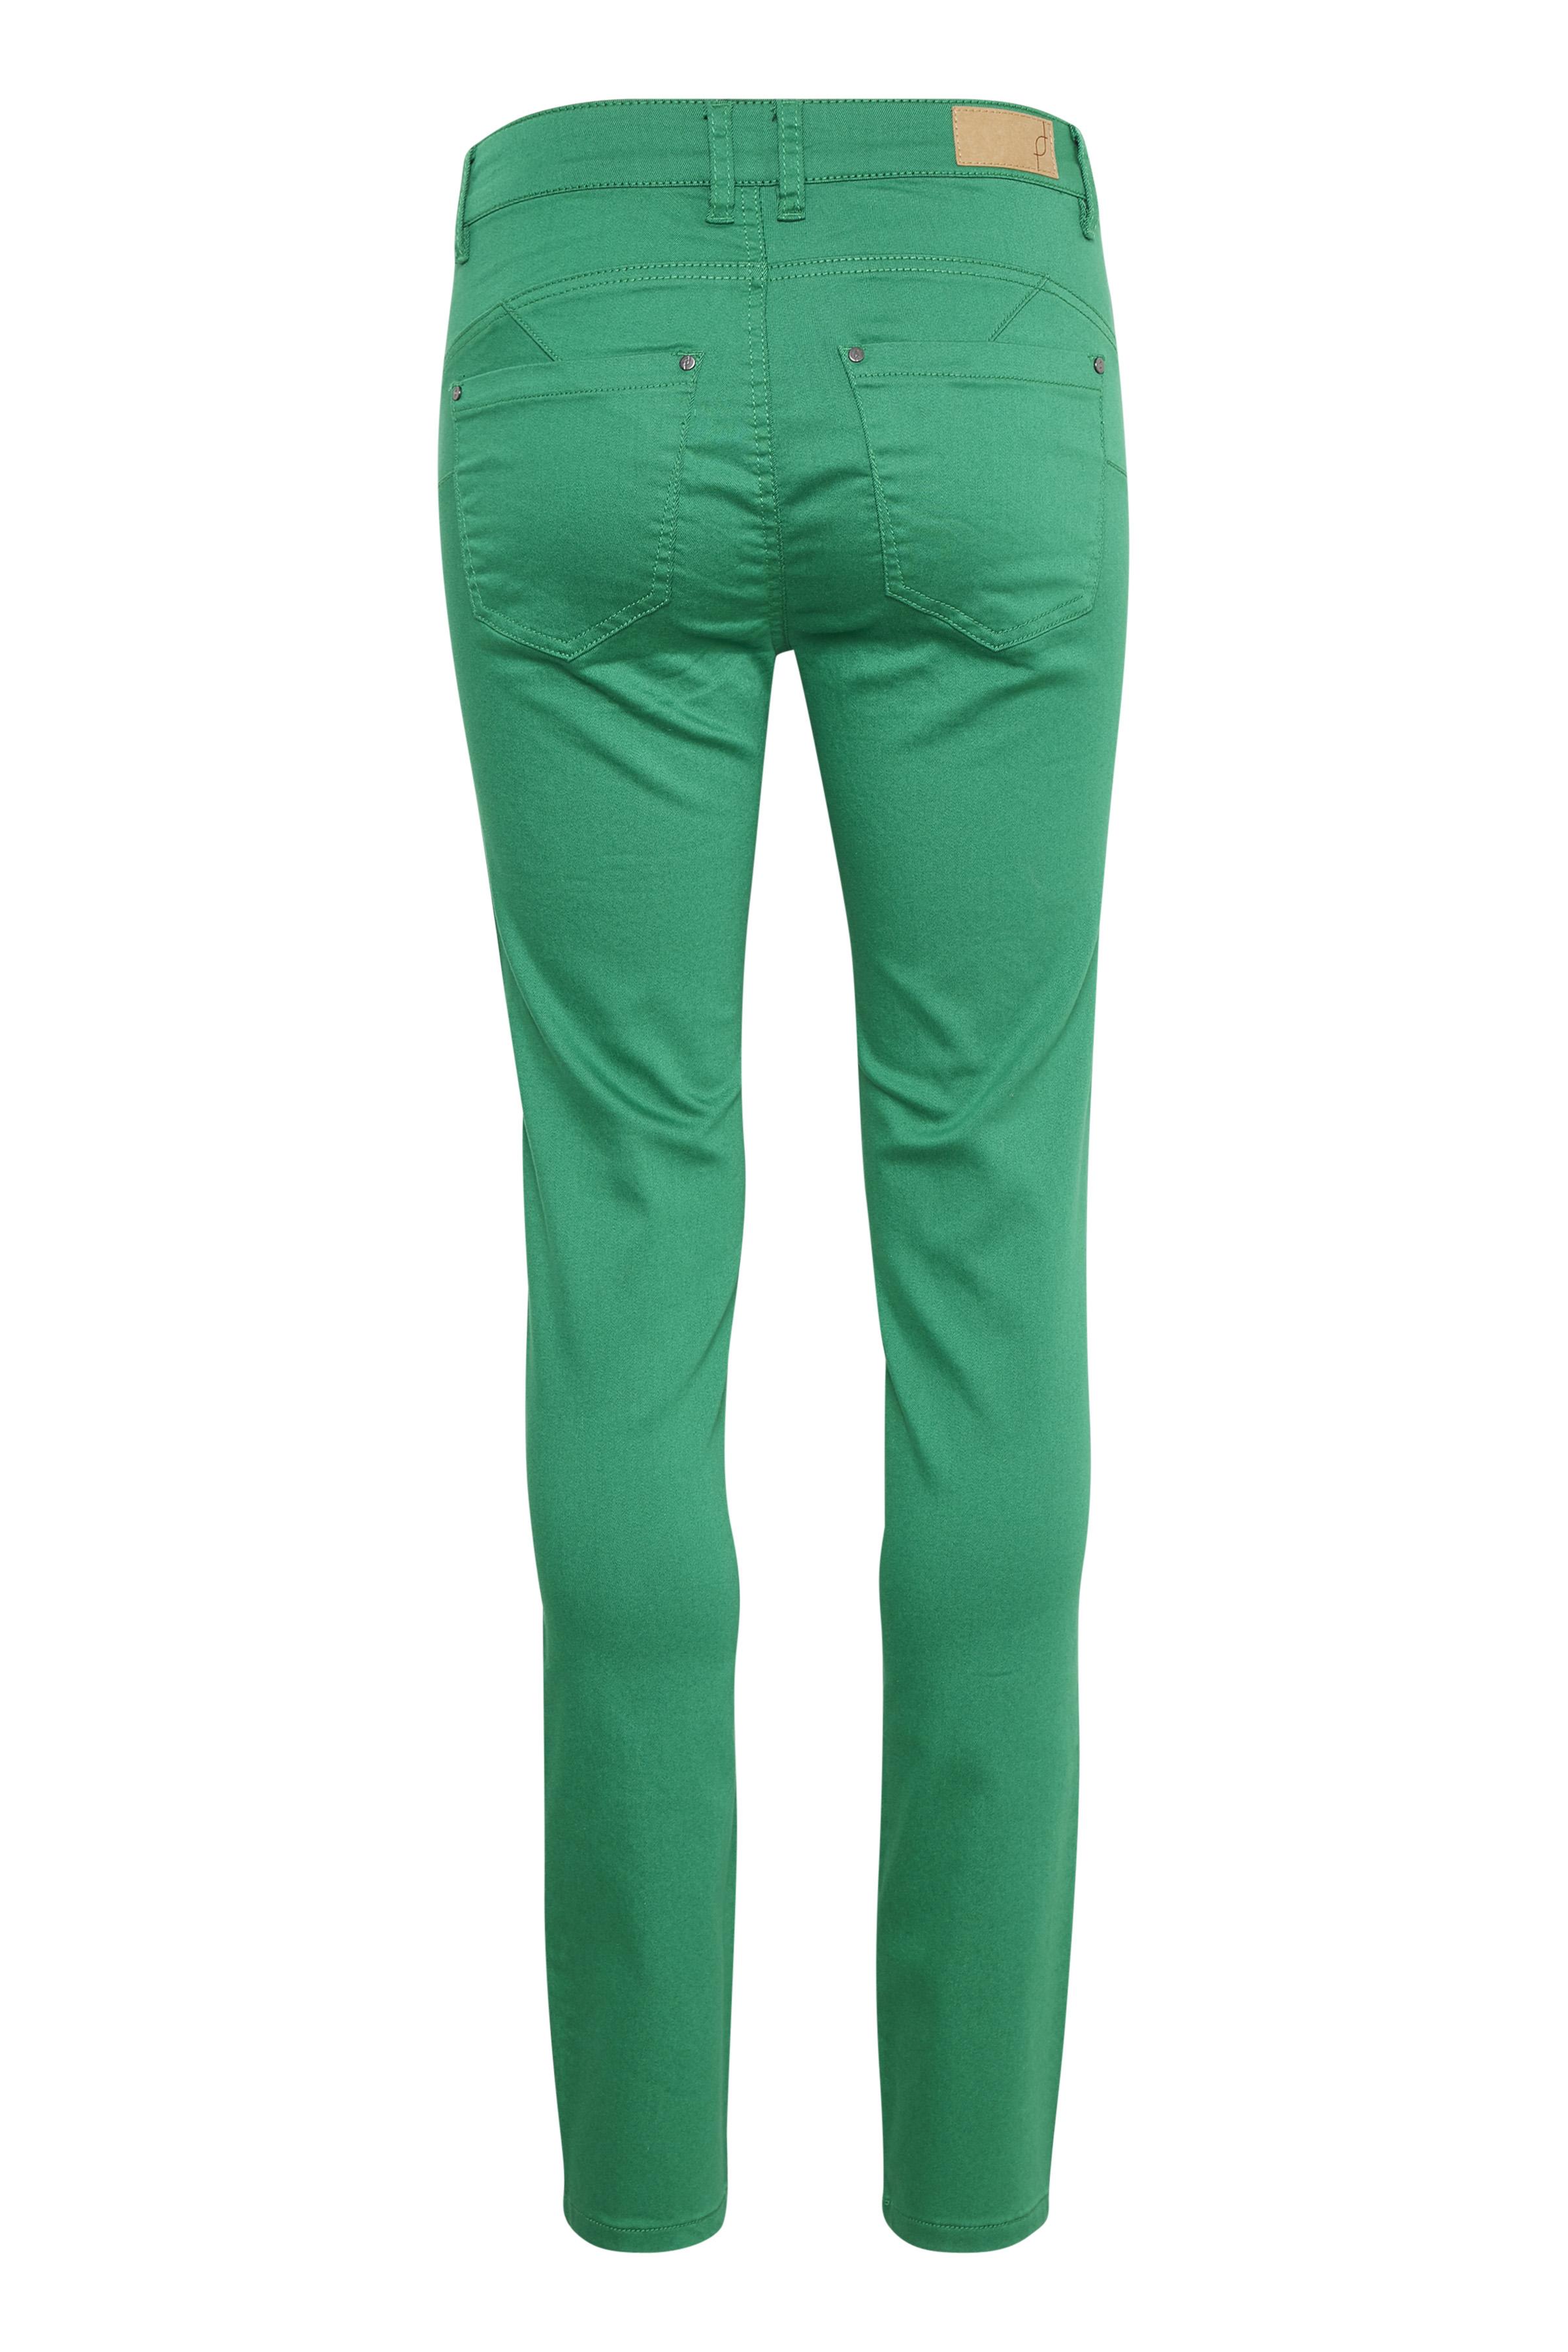 Grün Casual Hose von Fransa – Shoppen Sie Grün Casual Hose ab Gr. 34-46 hier